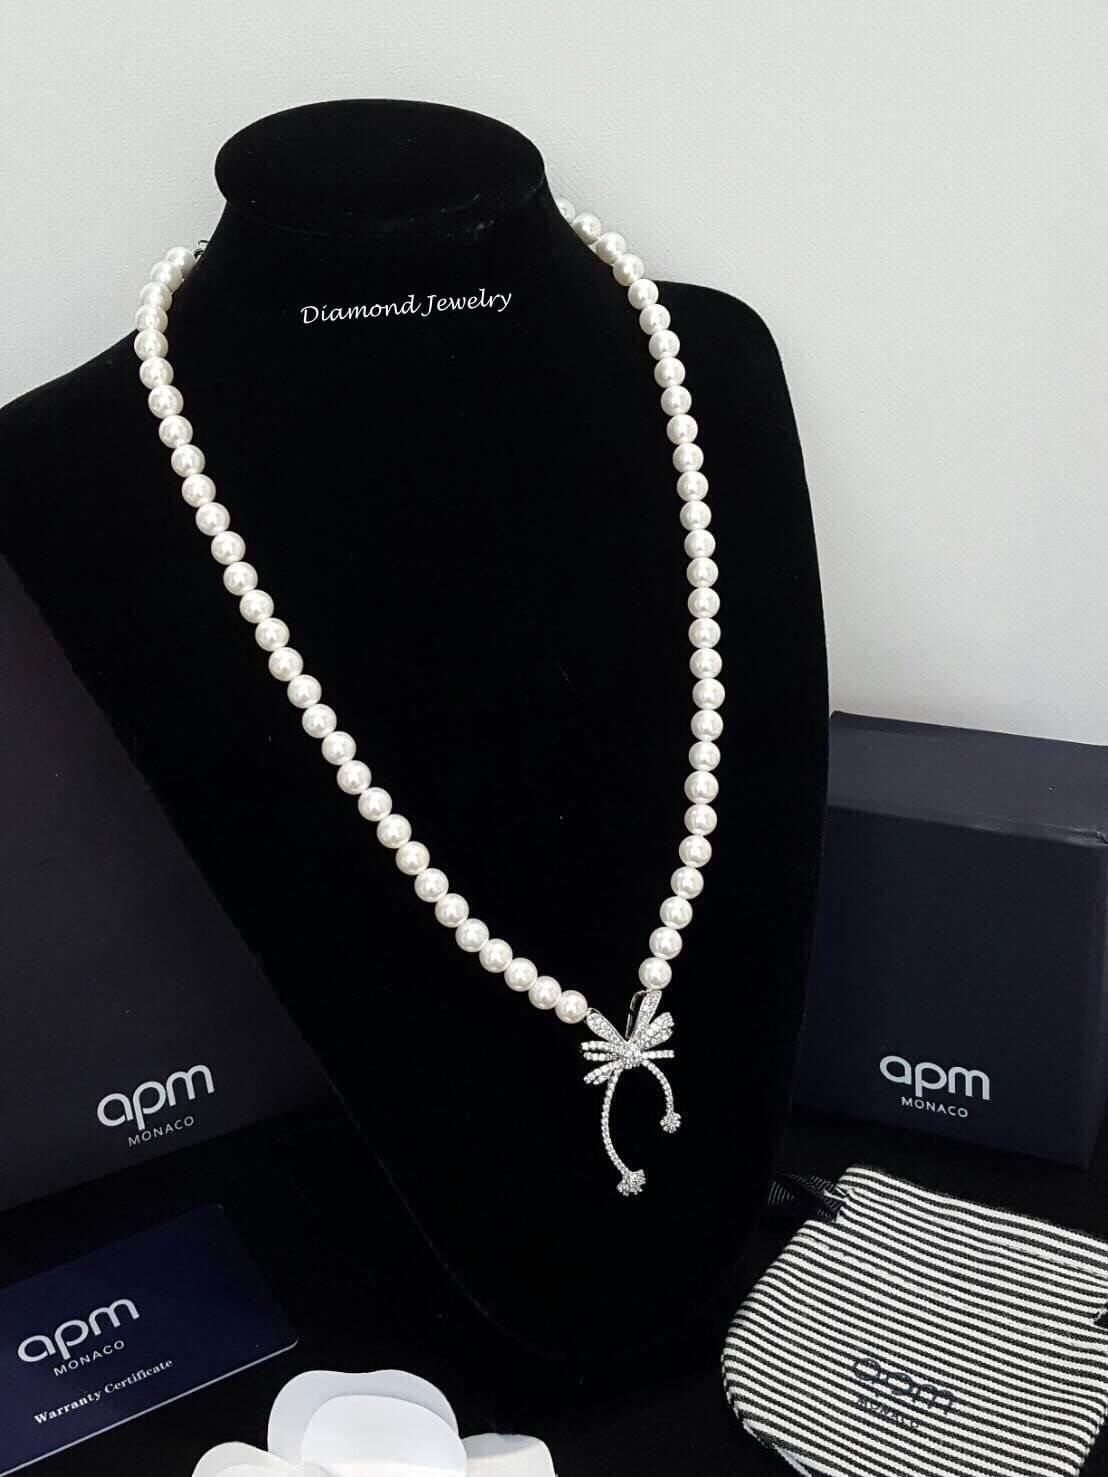 พร้อมส่ง APM Pearl Necklace รุ่นนี้เป็นมุกญี่ปุ่นเกรดดีมาก